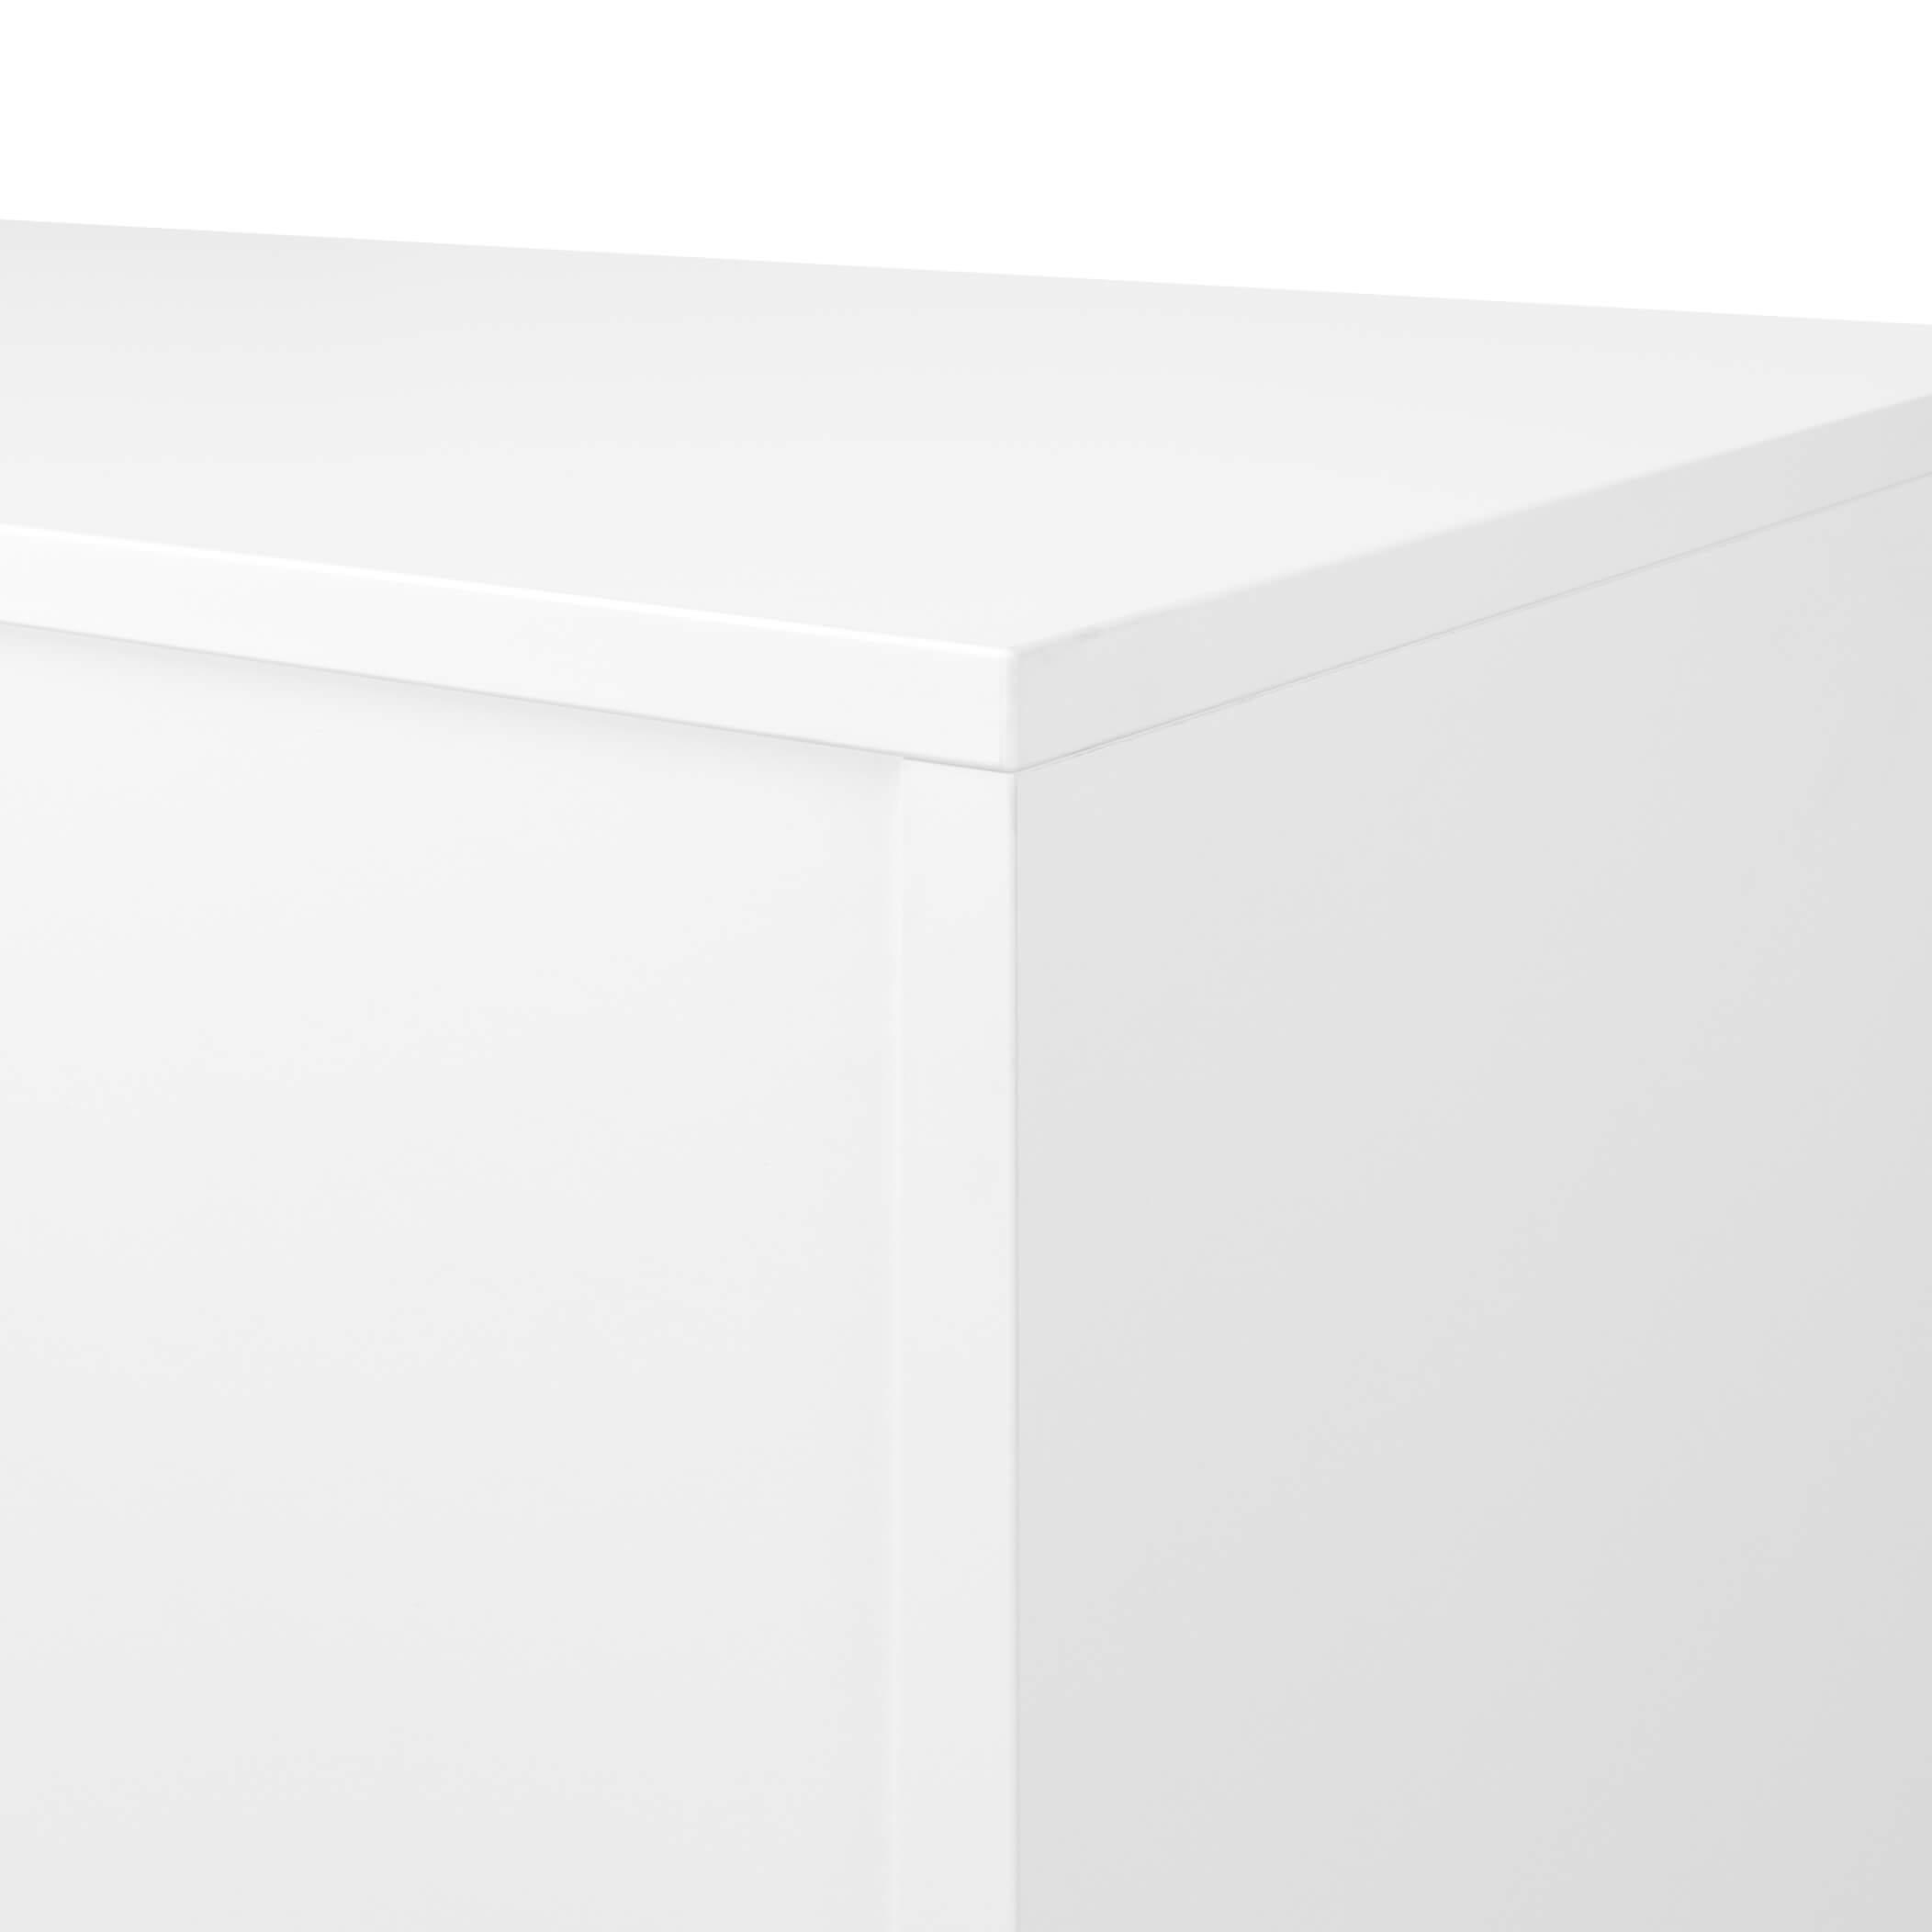 UNI Schiebetürenschrank abschließbar 1,2M Weiß Schrank Büroschrank Aktenschrank